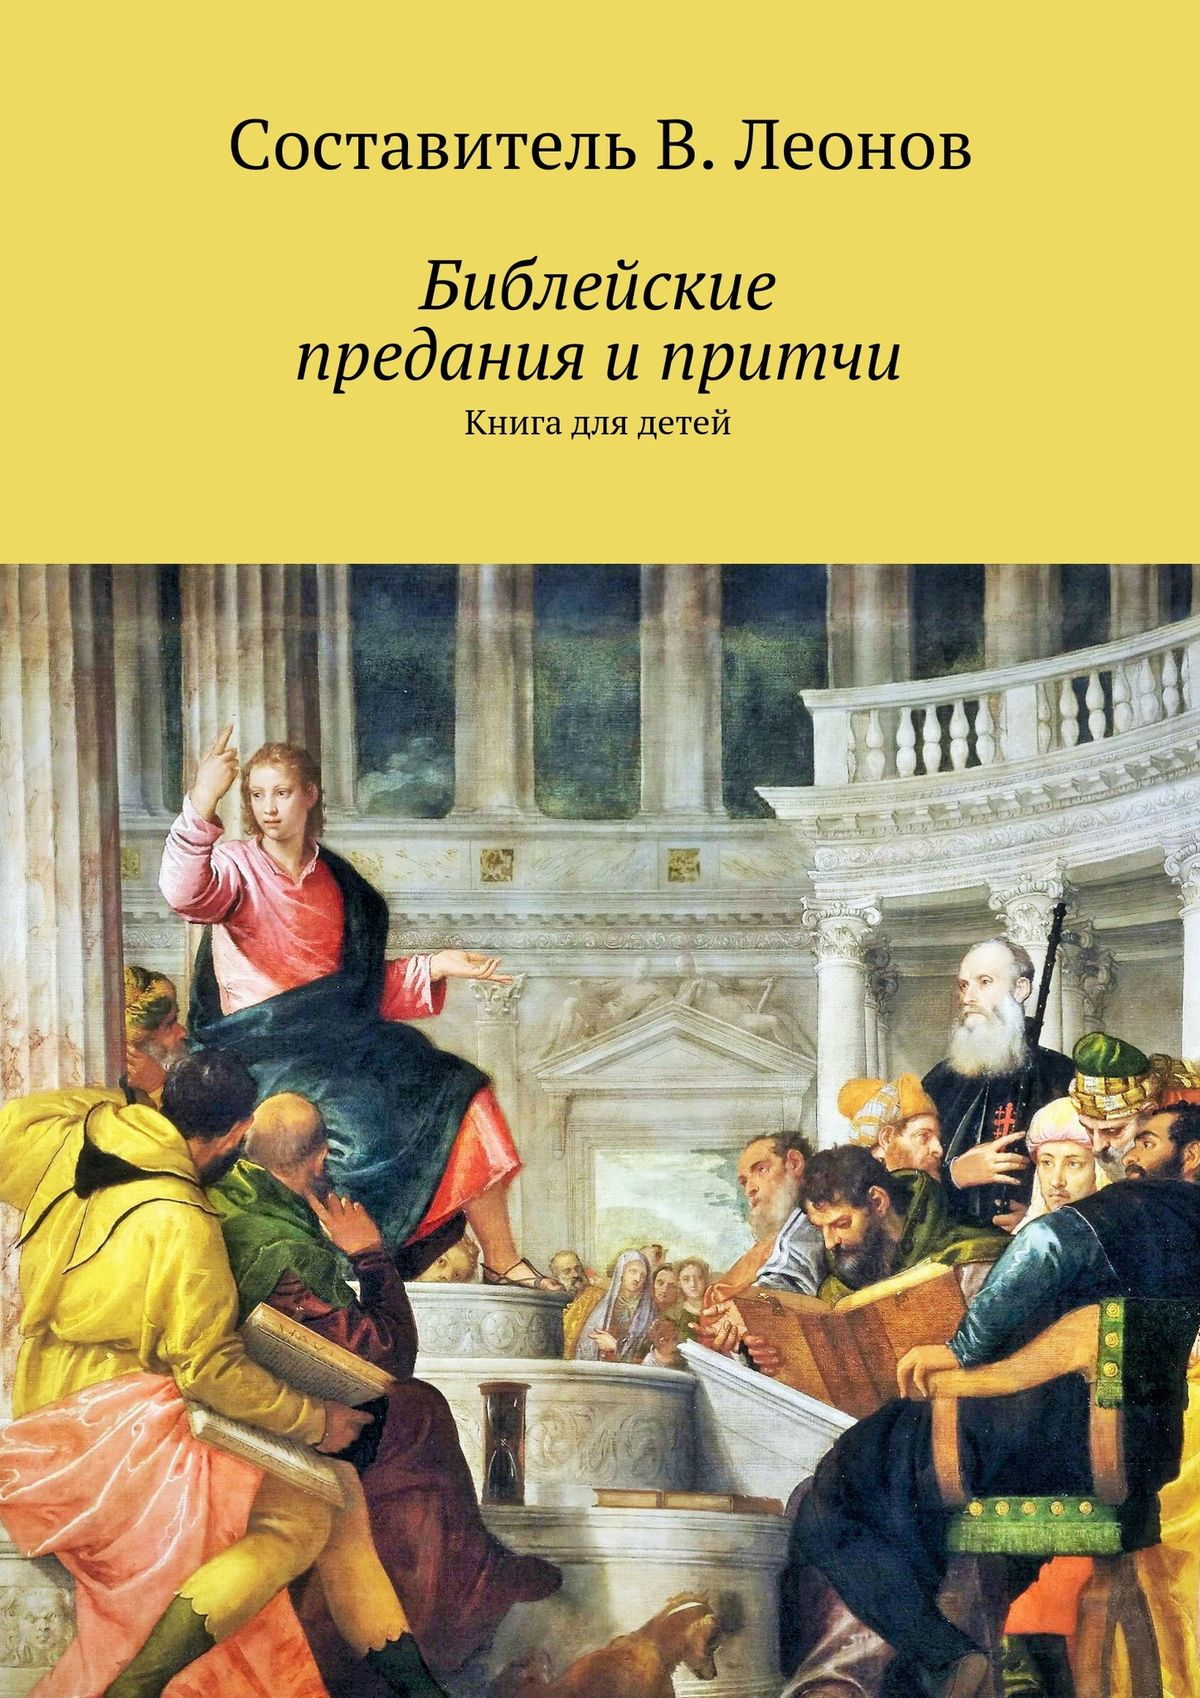 Отсутствует Библейские предания и притчи. Книга для детей коллектив авторов библейские предания от давида и соломона до вавилонского плена